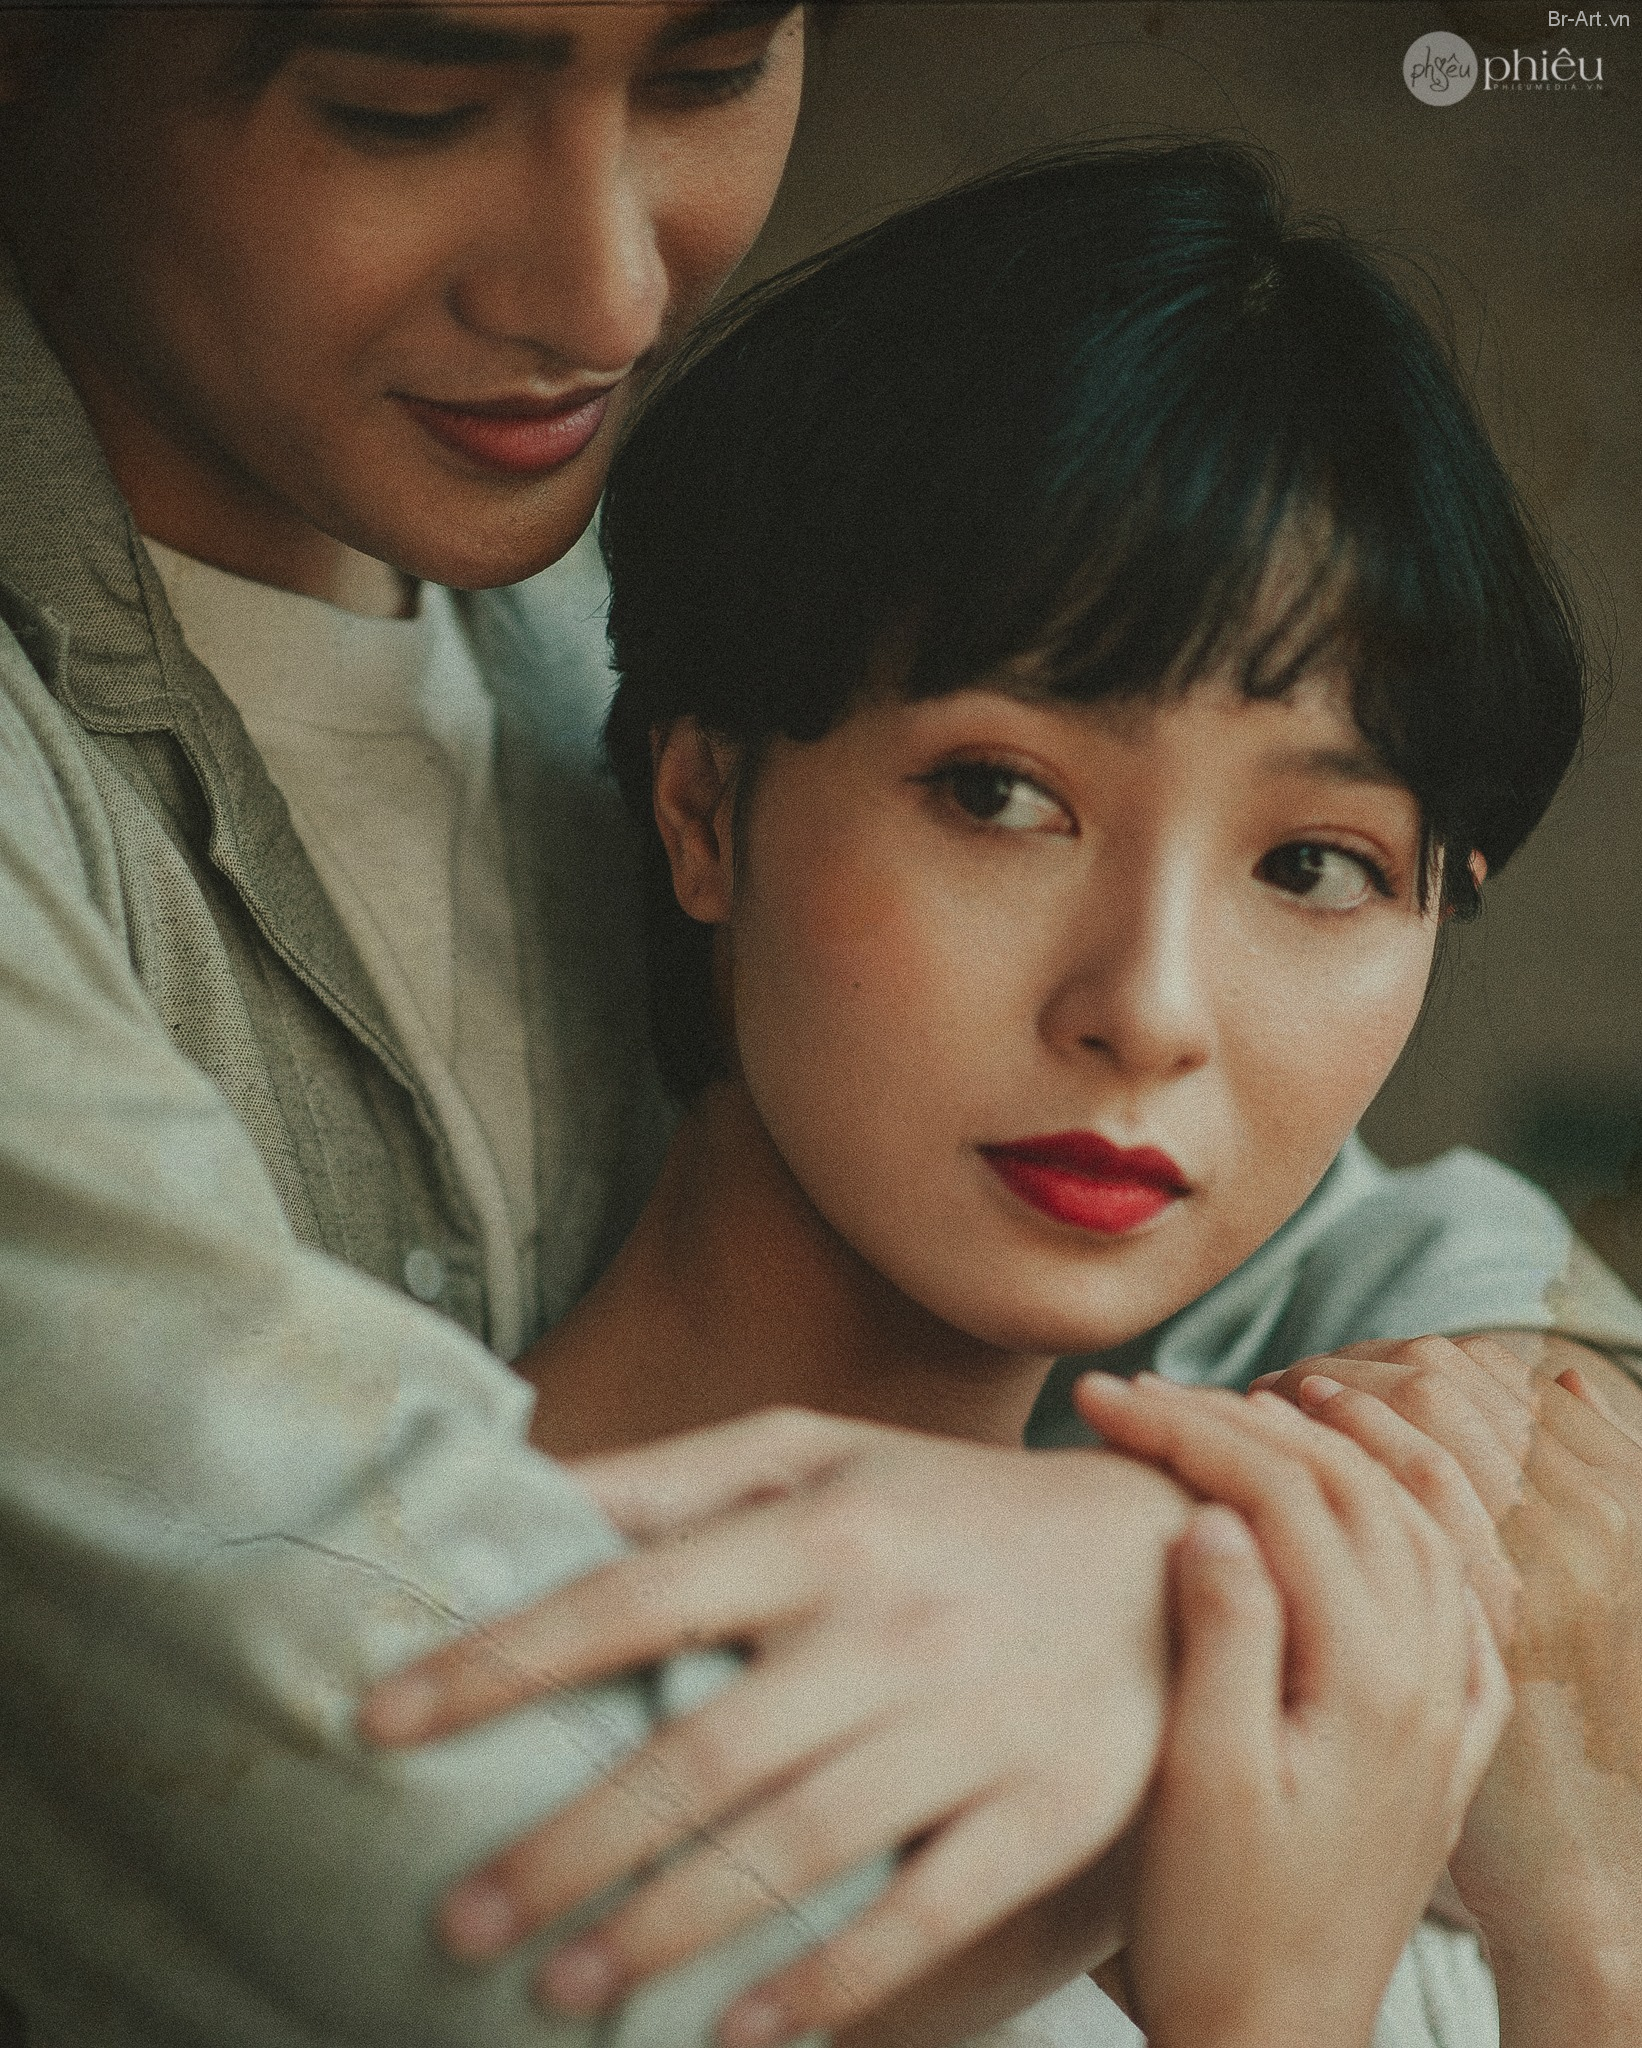 Ảnh Cưới Bên Chung Cư Đơn Giản, Mộc Mạc, Bình Yên rất đẹp của cặp đôi còn rất trẻ.